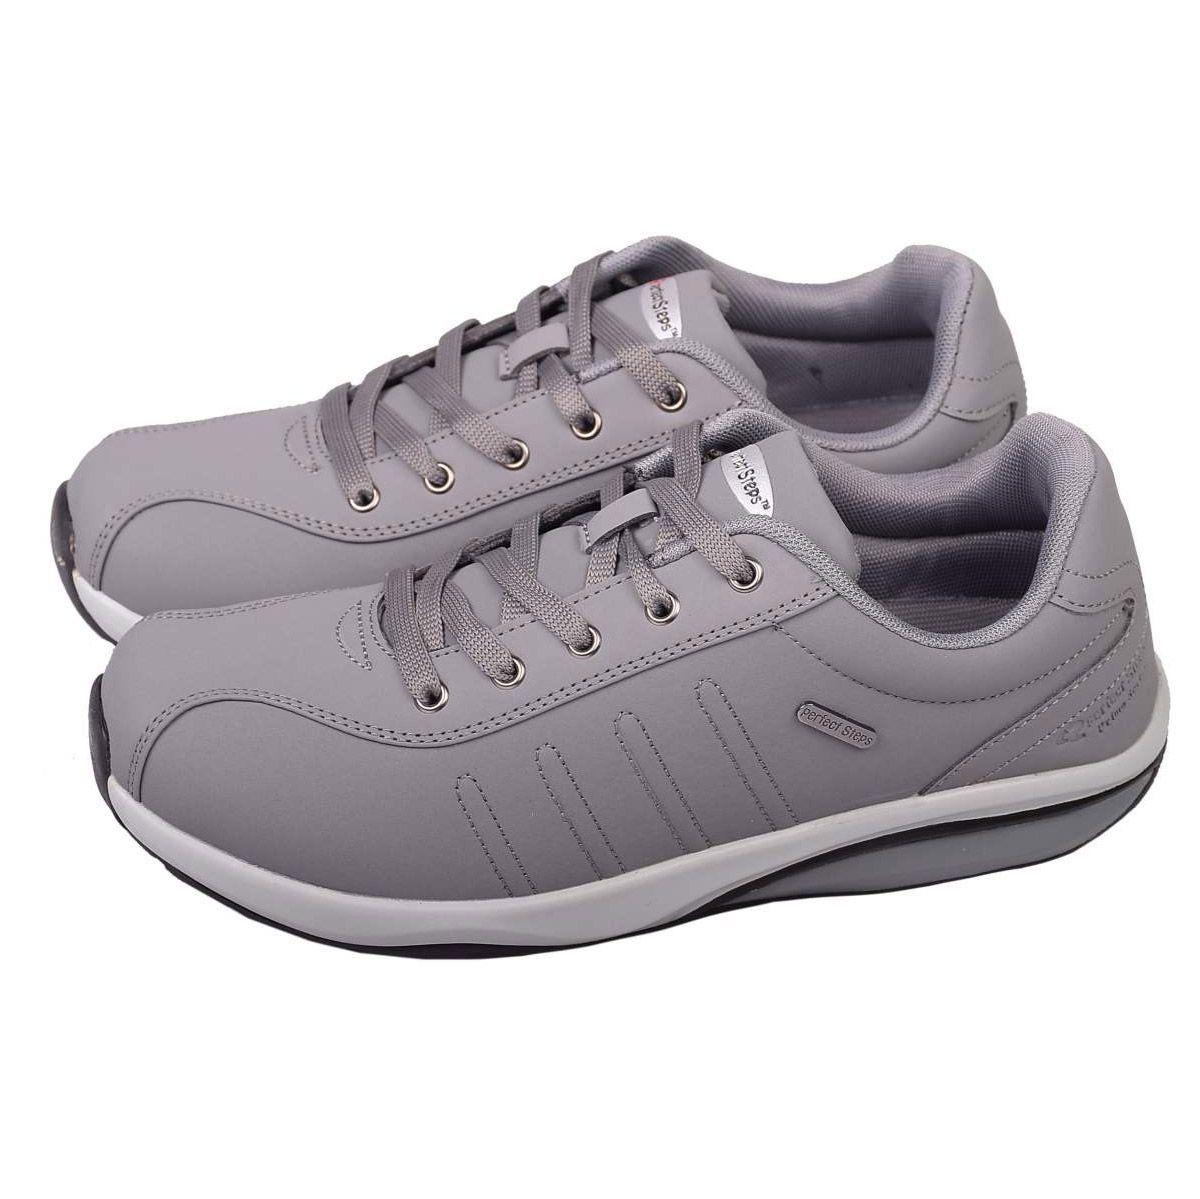 کفش مخصوص پیاده روی زنانه پرفکت استپس مدل پریمو رنگ طوسی -  - 3